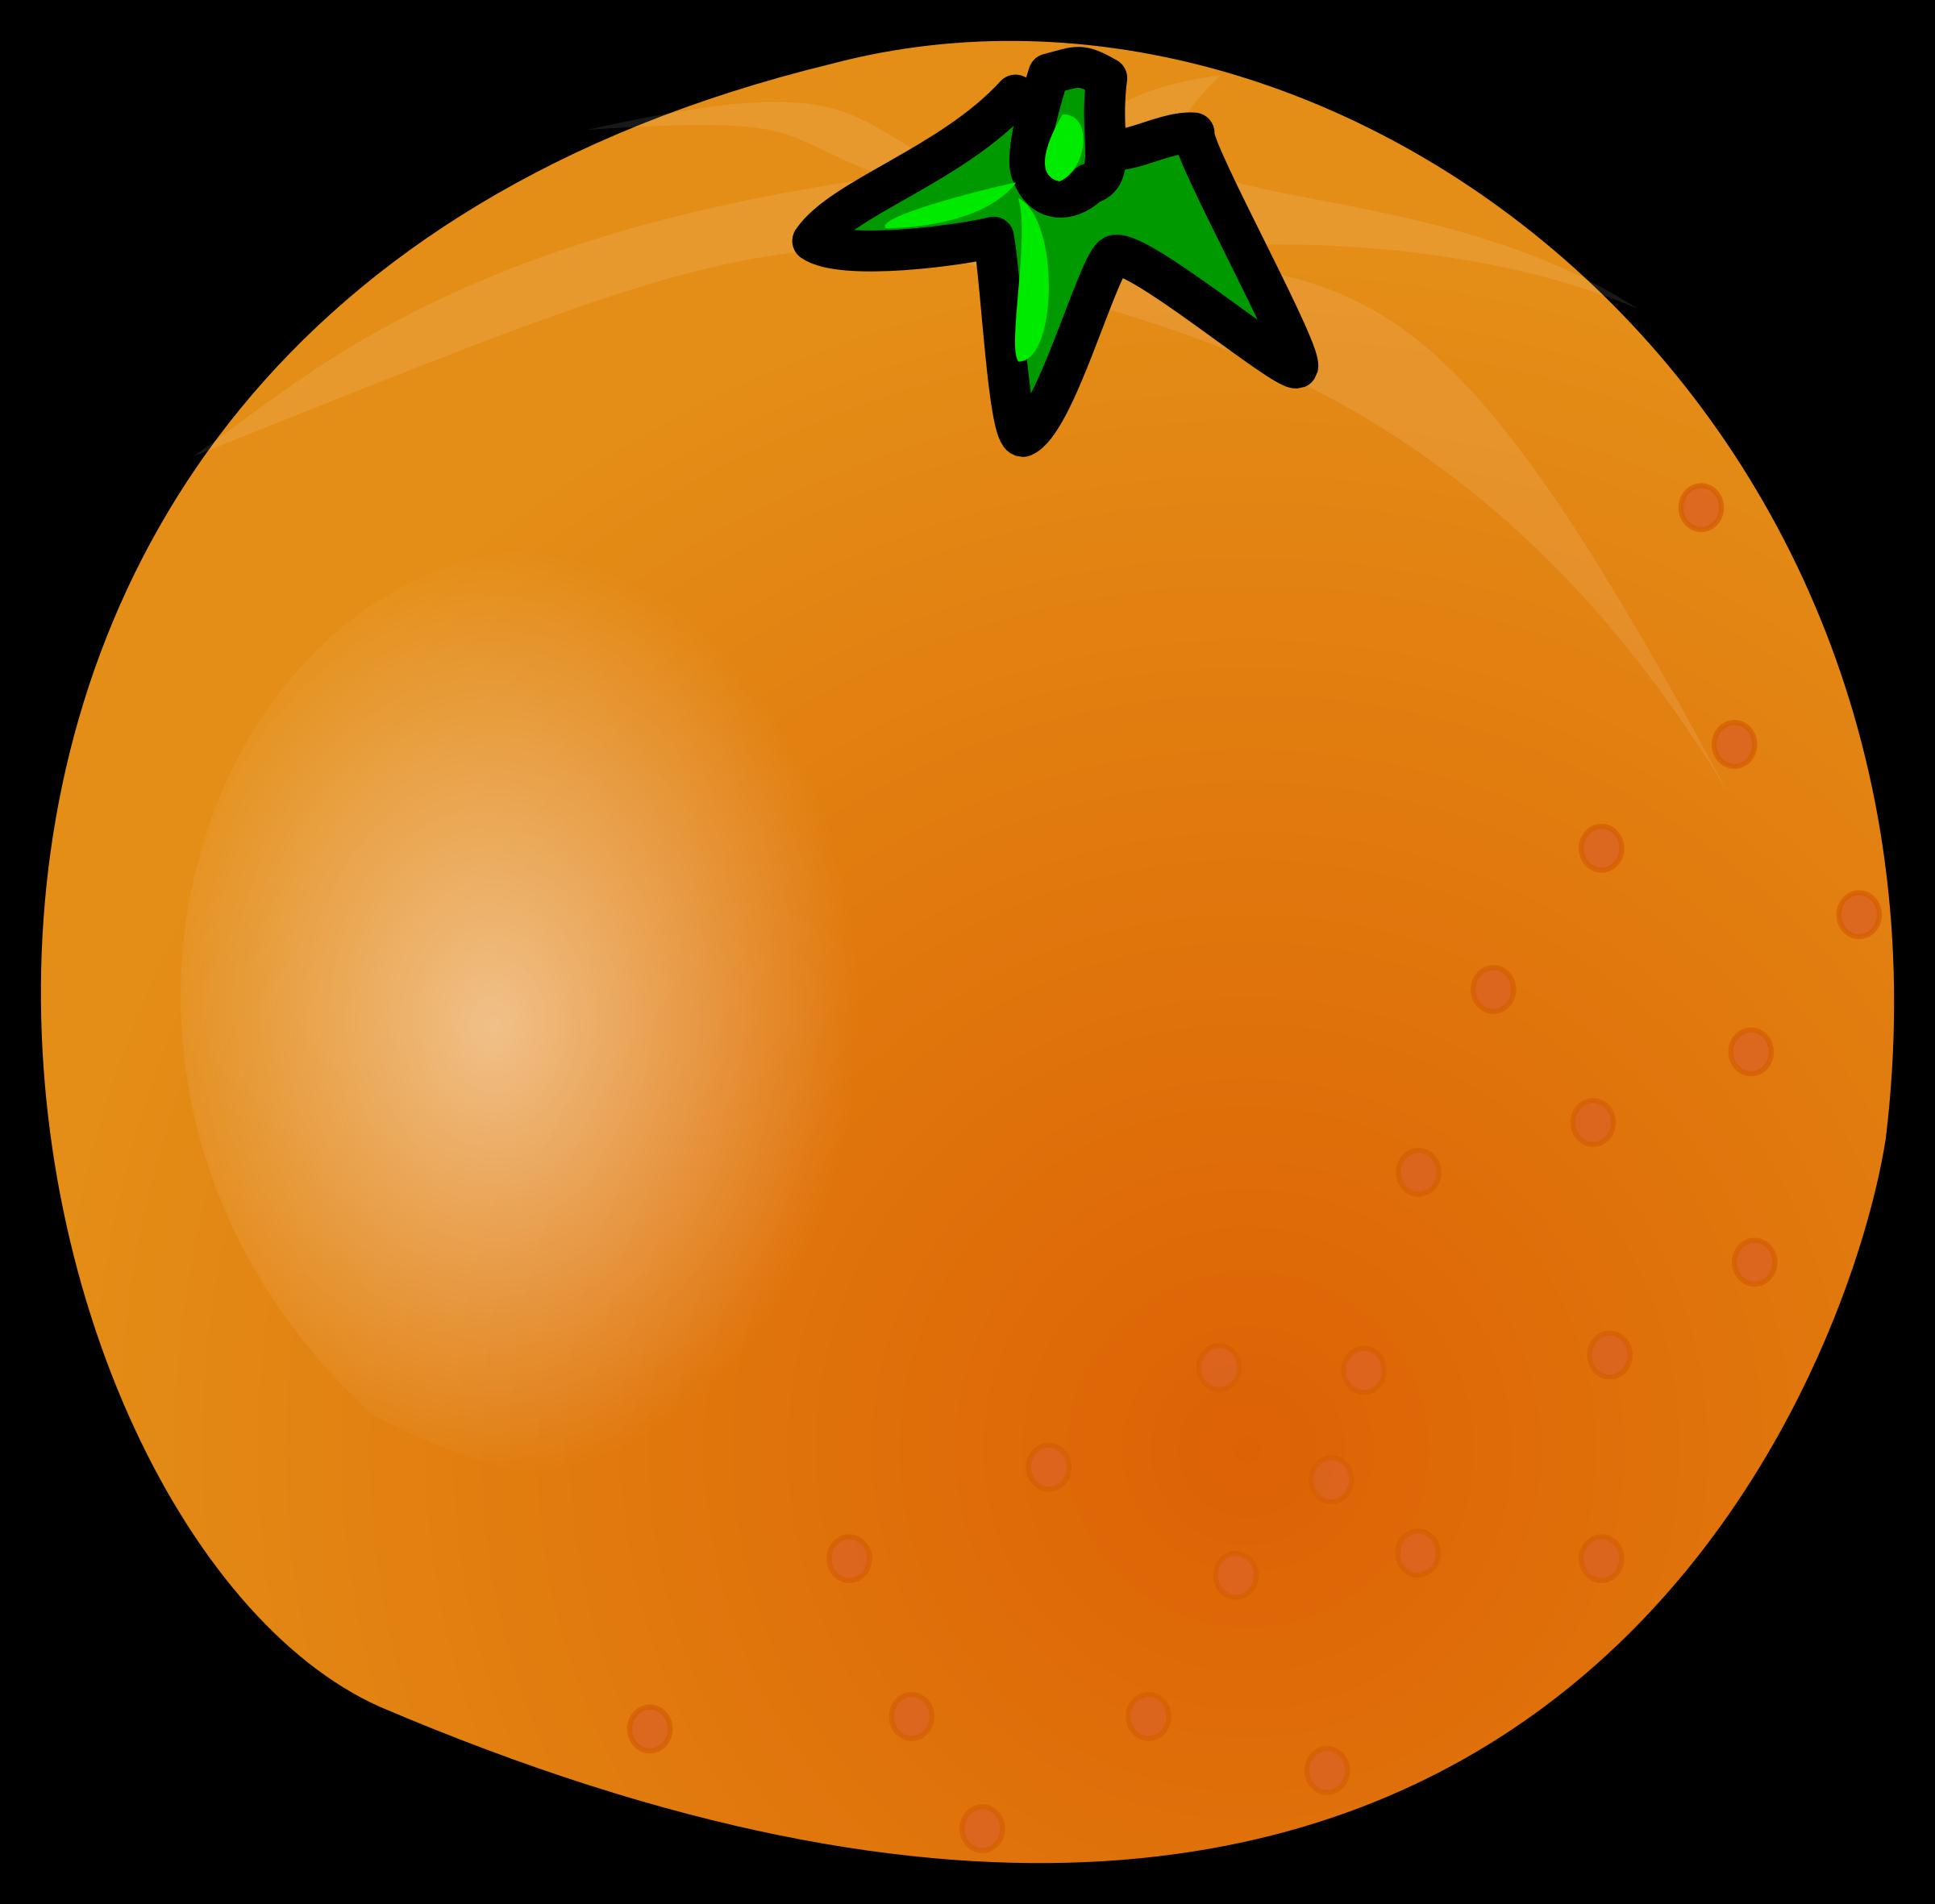 Big image png. Orange clipart